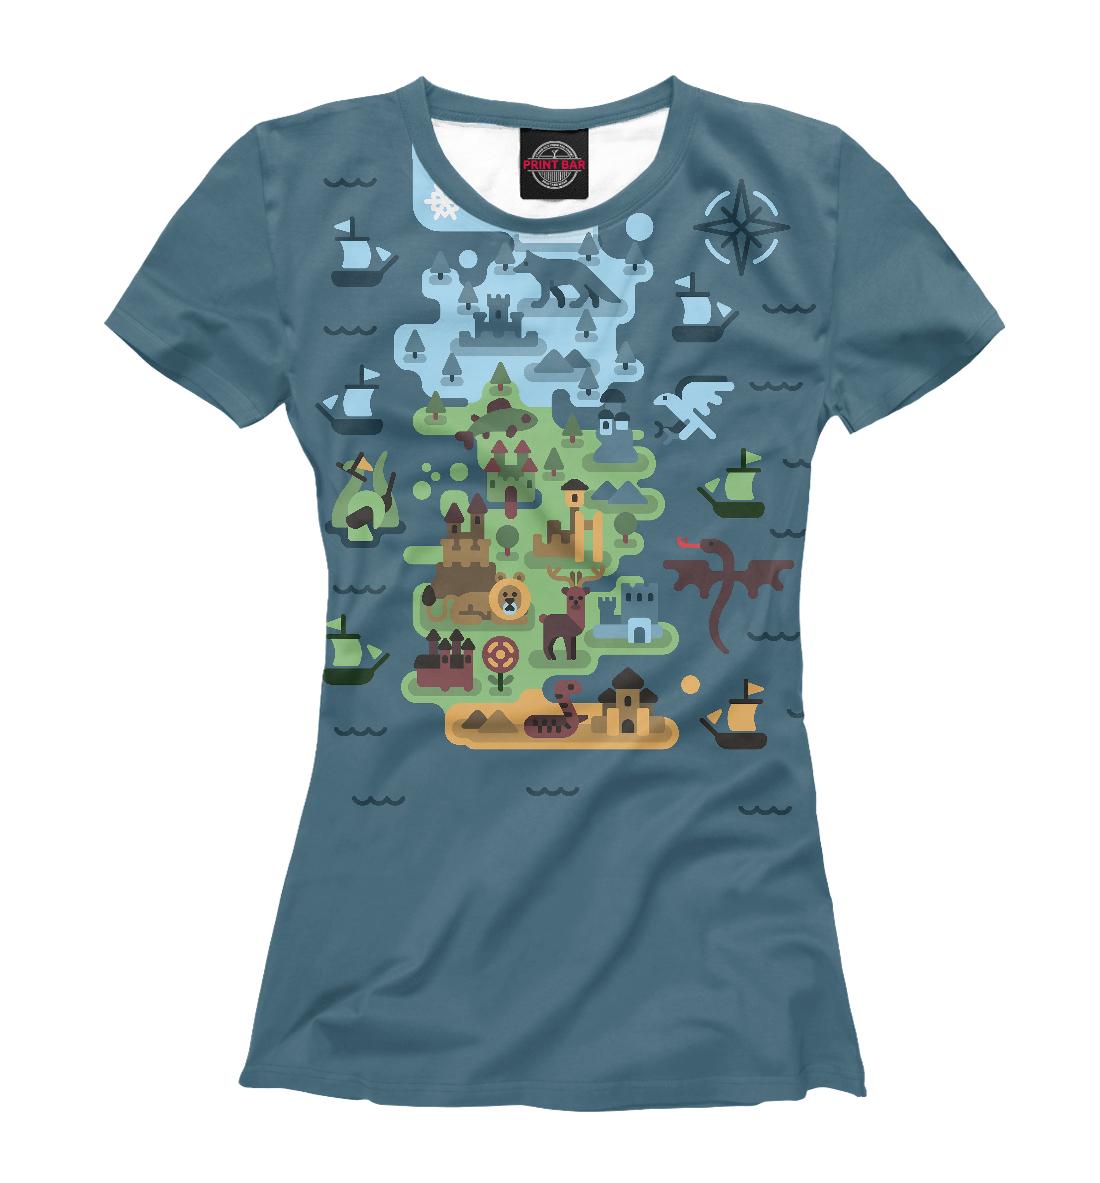 Купить Игра престолов карта 7 Королевств, Printbar, Футболки, IGR-487454-fut-1